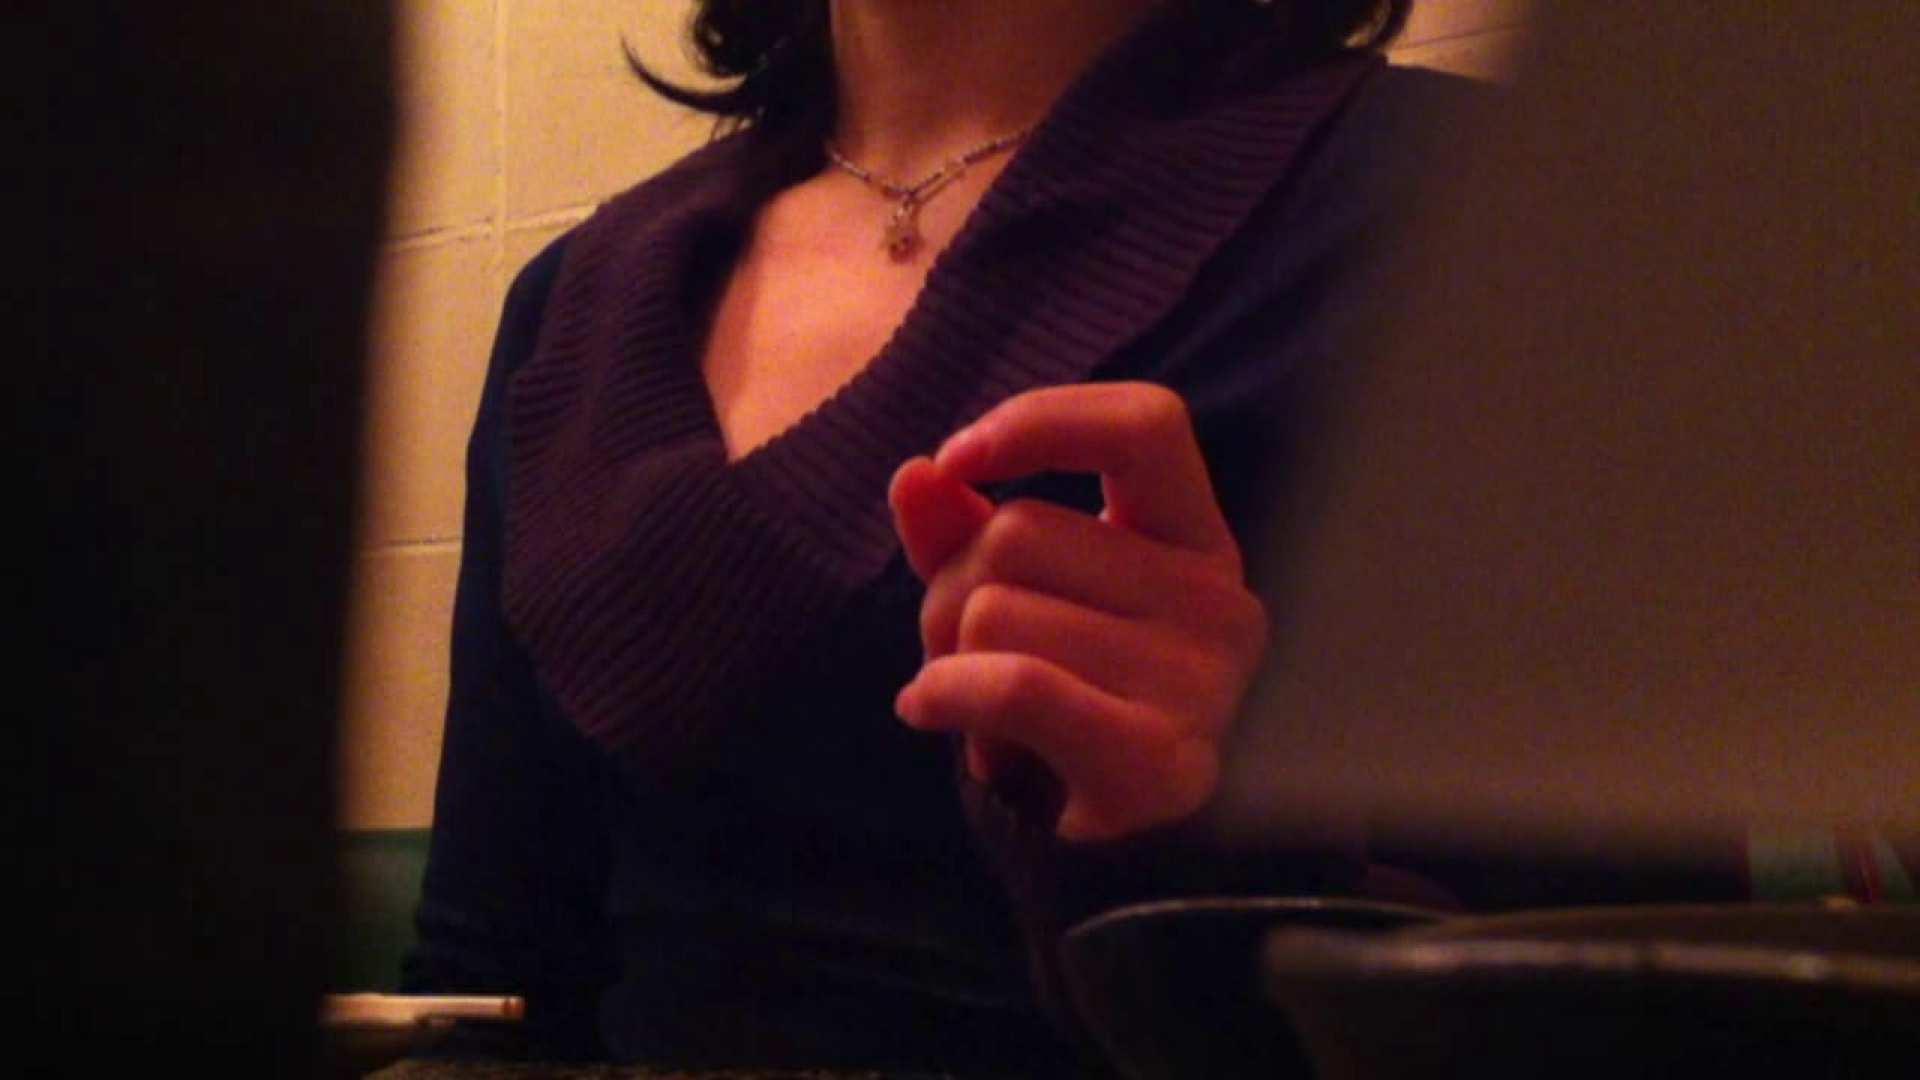 32才バツイチ子持ち現役看護婦じゅんこの変態願望Vol.1 ホテル隠し撮り | 熟女丸裸  104pic 1